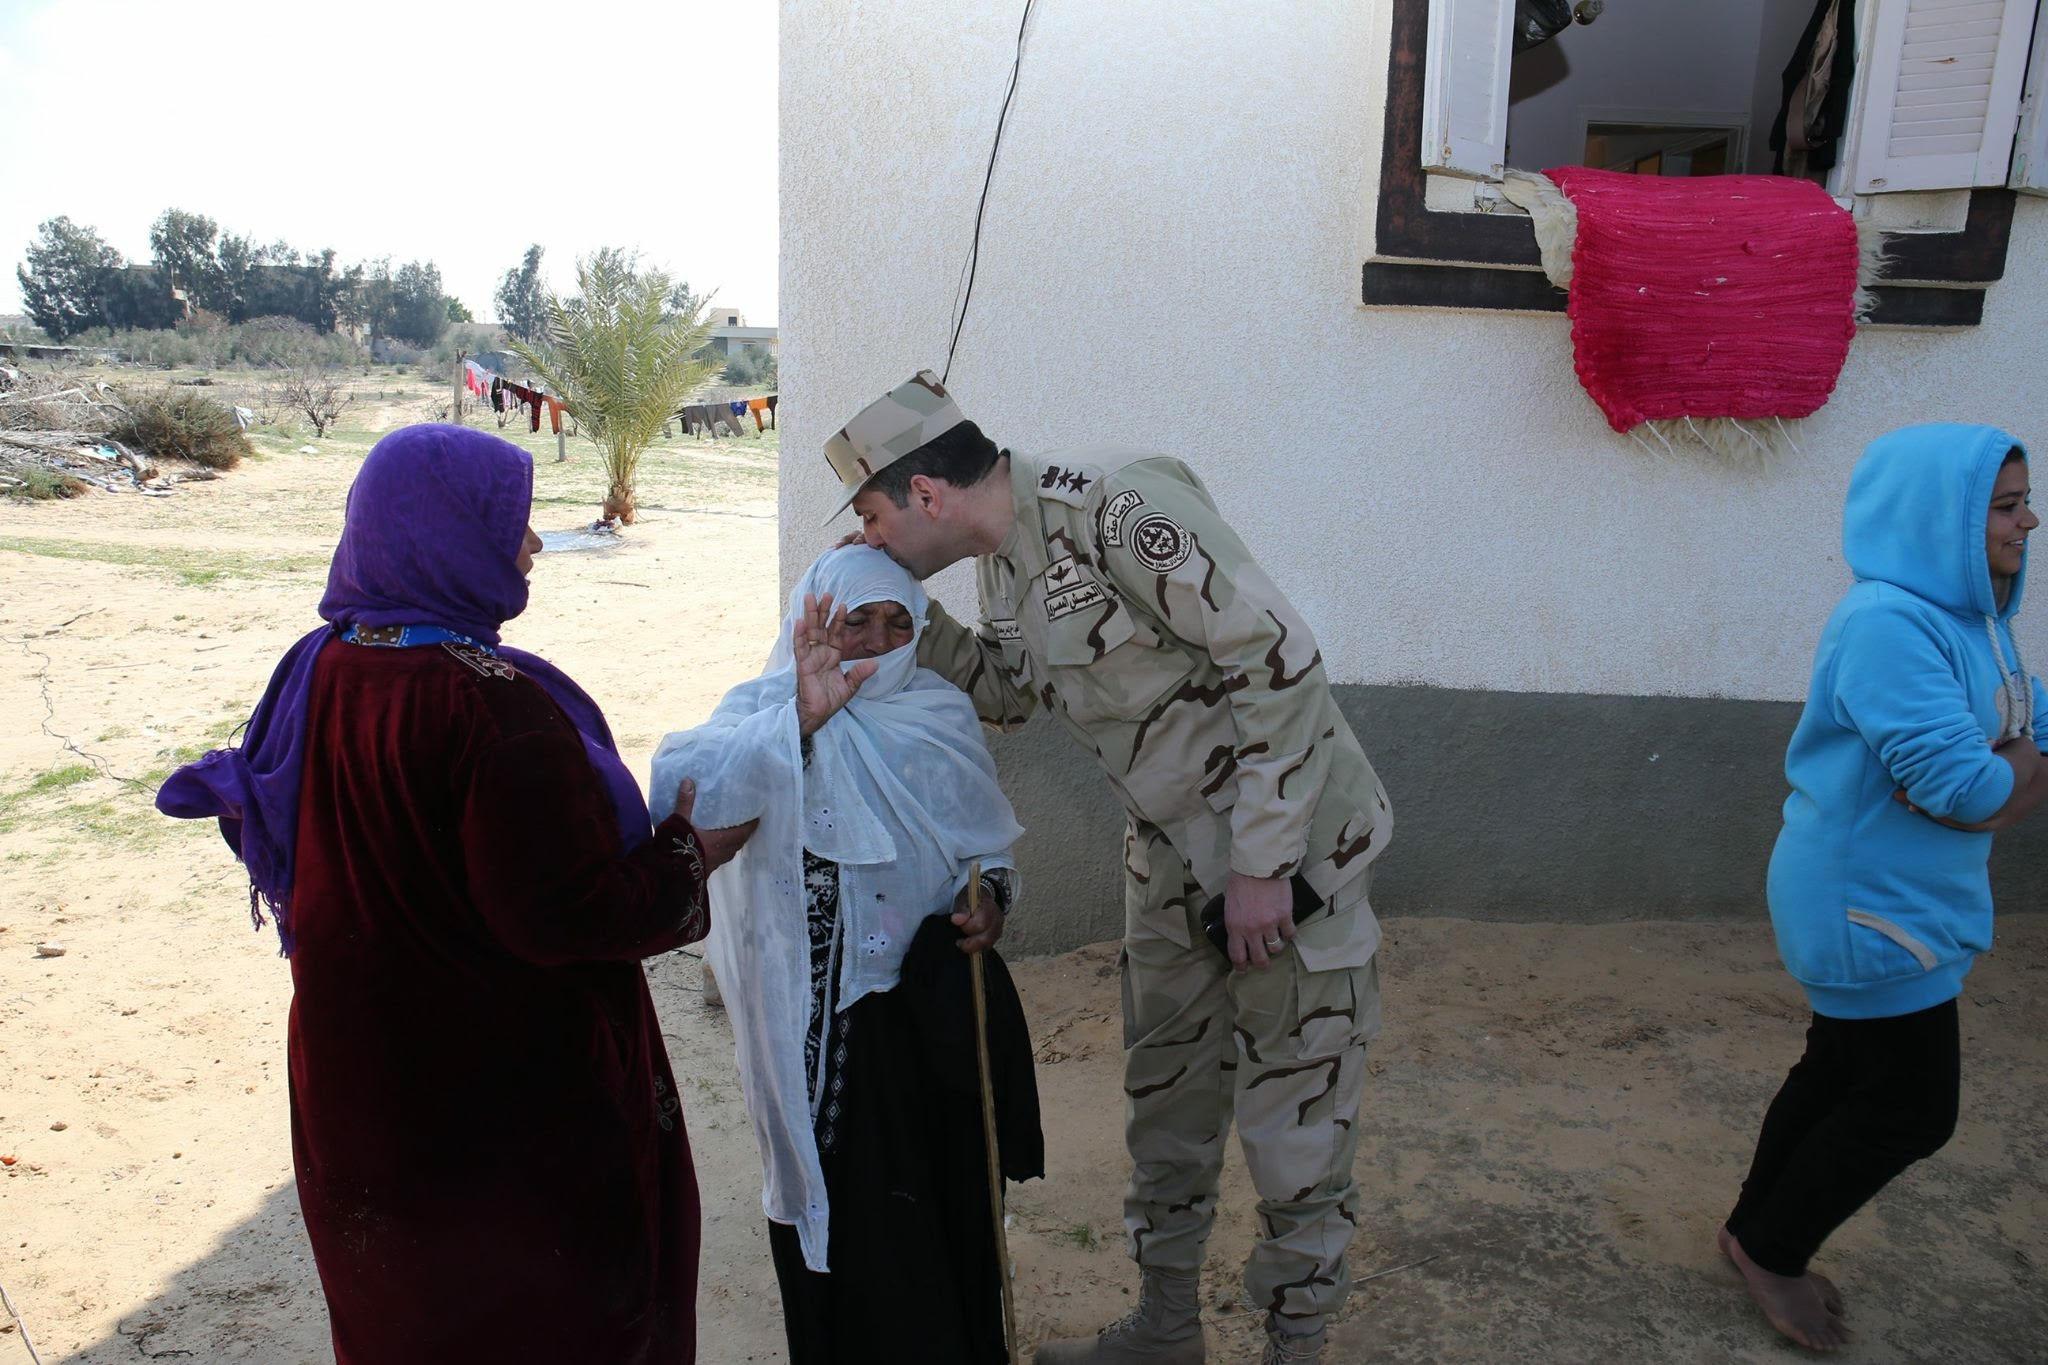 صورة المتحدث العسكرى ينشر صور التعاون بين قوات إنفاذ القانون وأهالى شمال سيناء